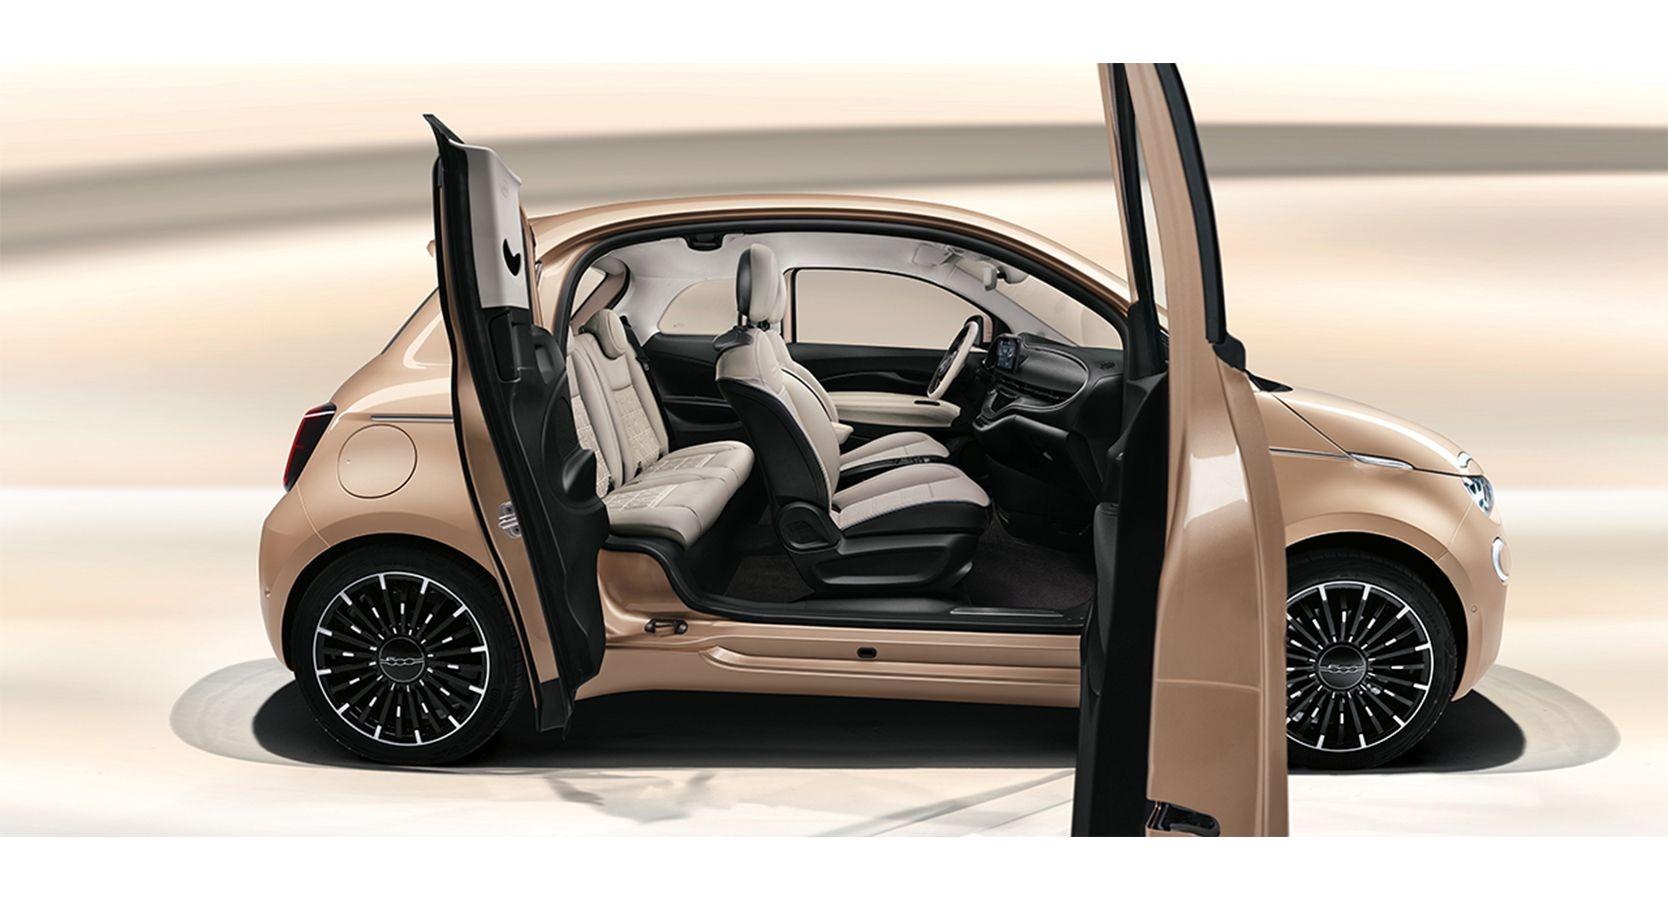 Fiat 500 3+1 ufficialmente svelata: le immagini